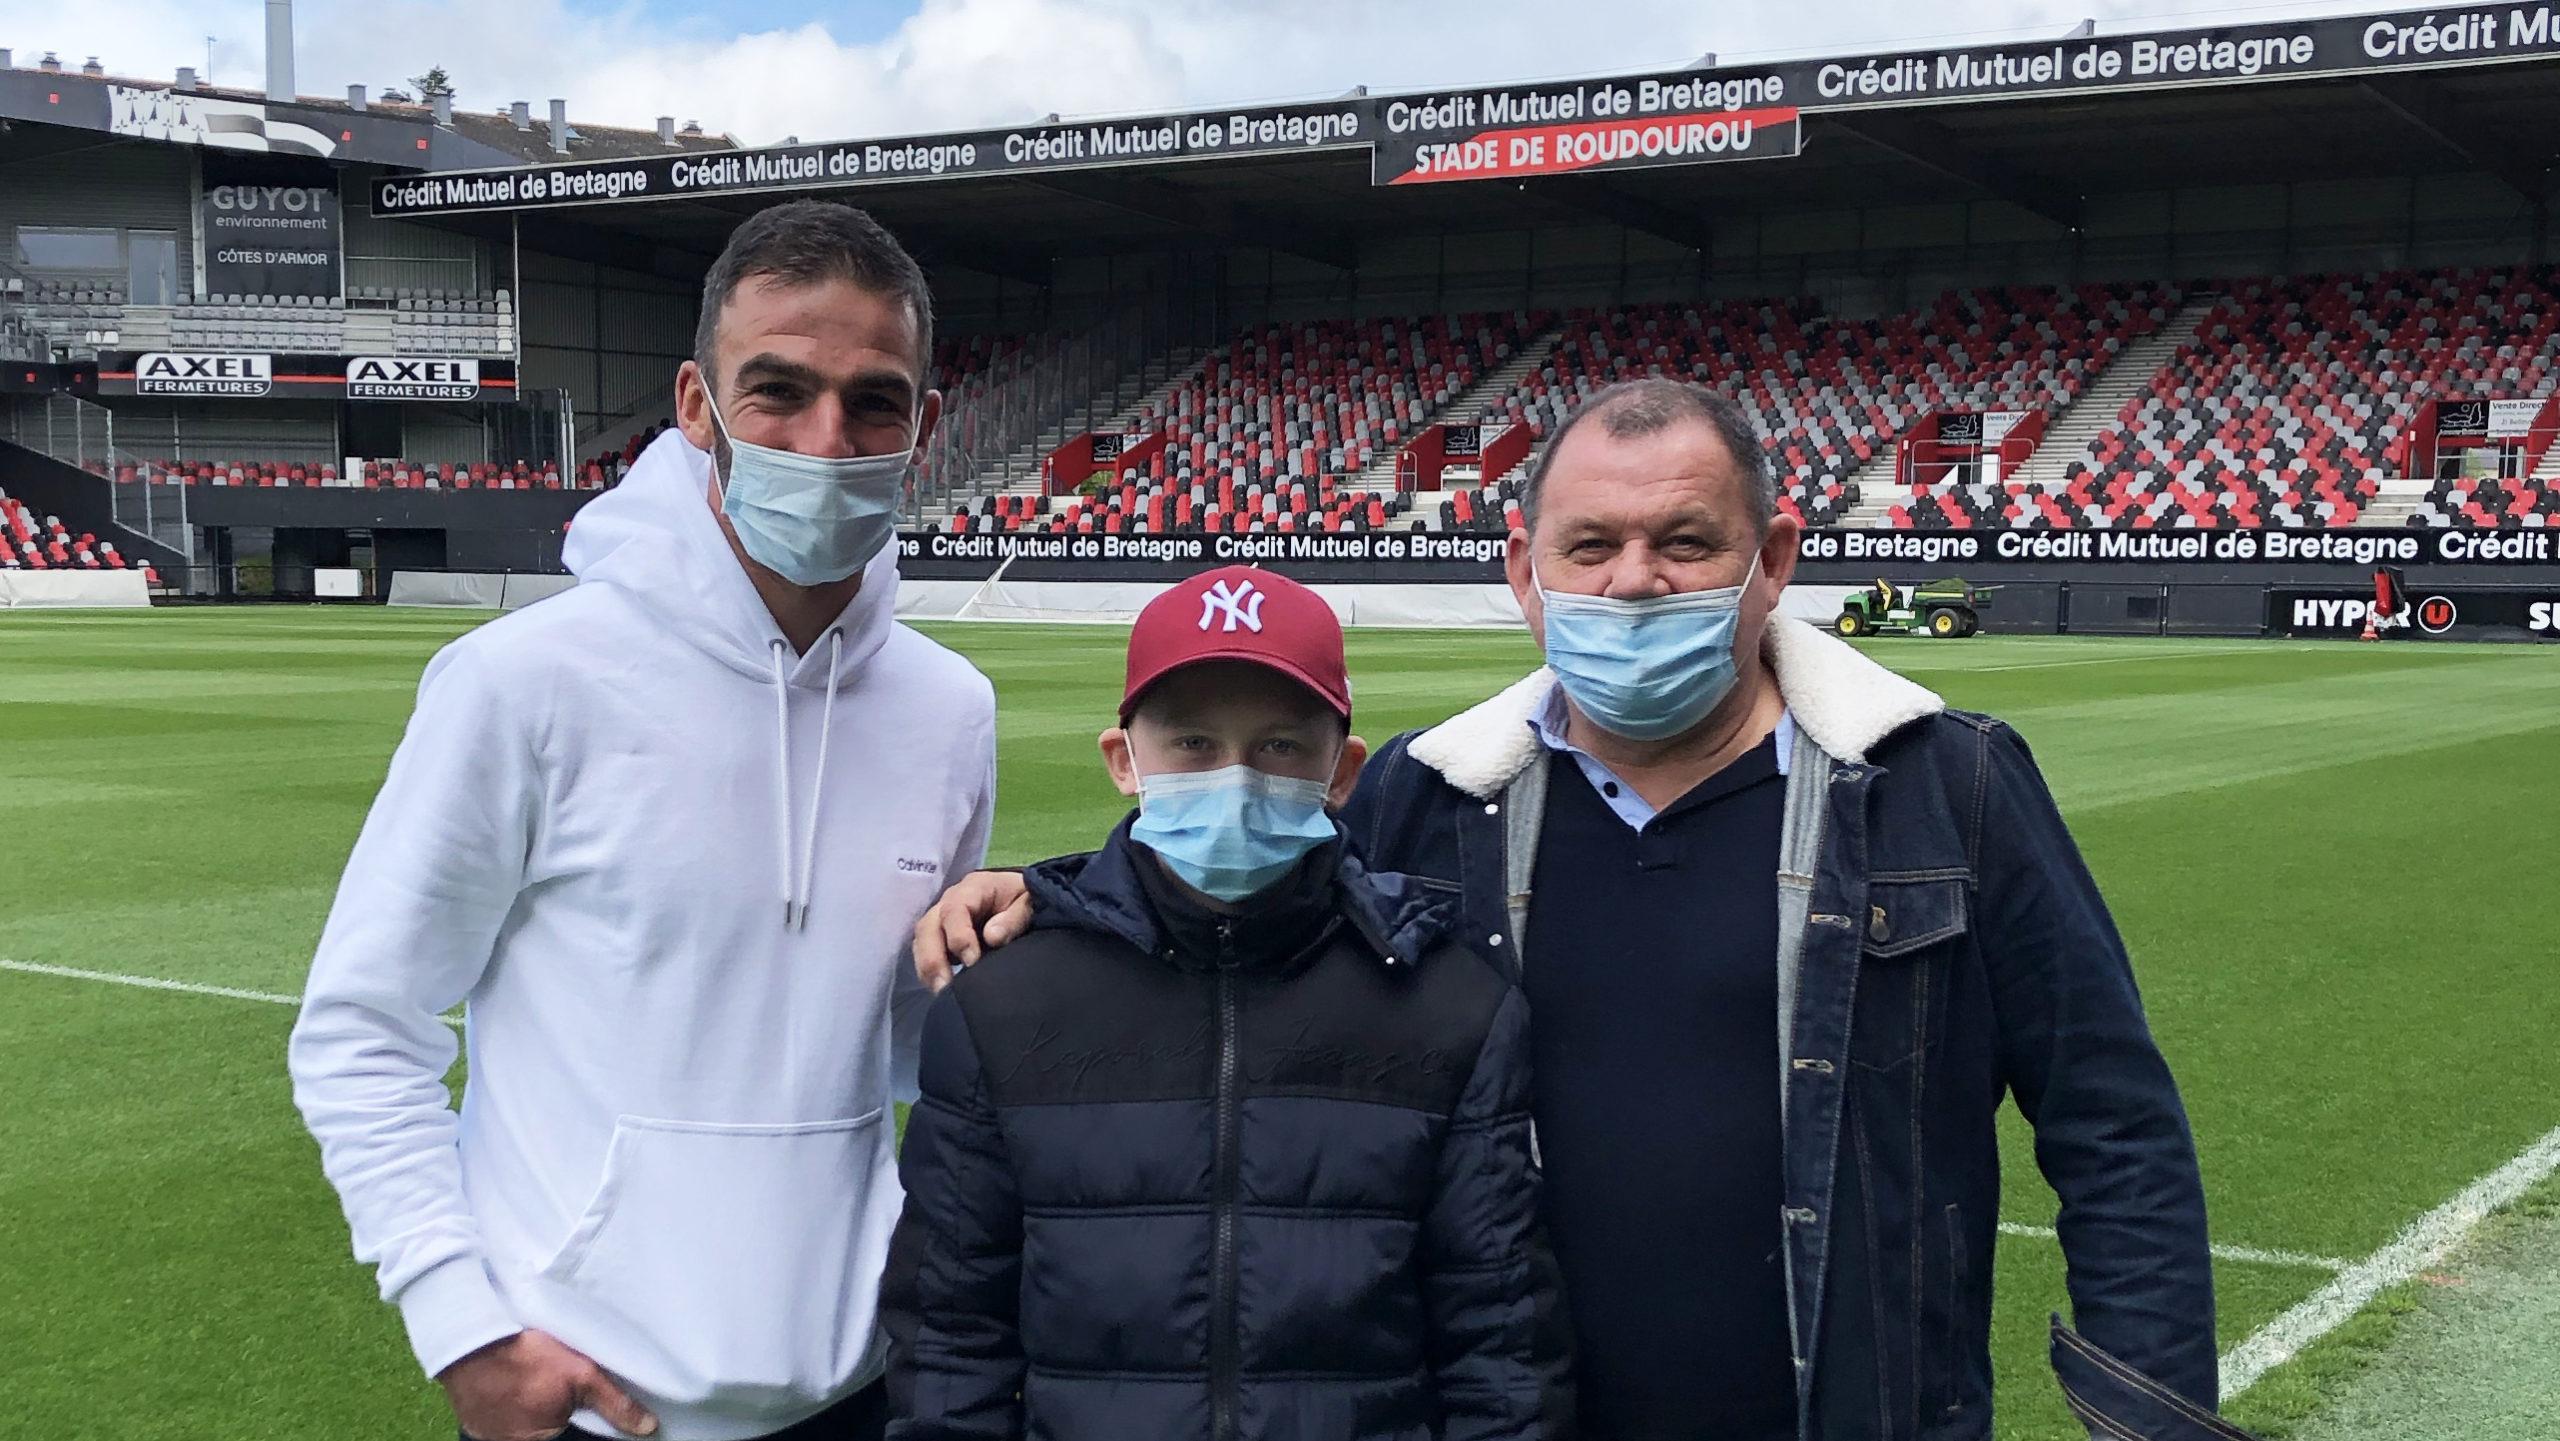 Mathis Coatrieux visite le stade de Roudourou avec Christophe Kerbrat Guingamp En Avant-16 9-en bord de pelouse